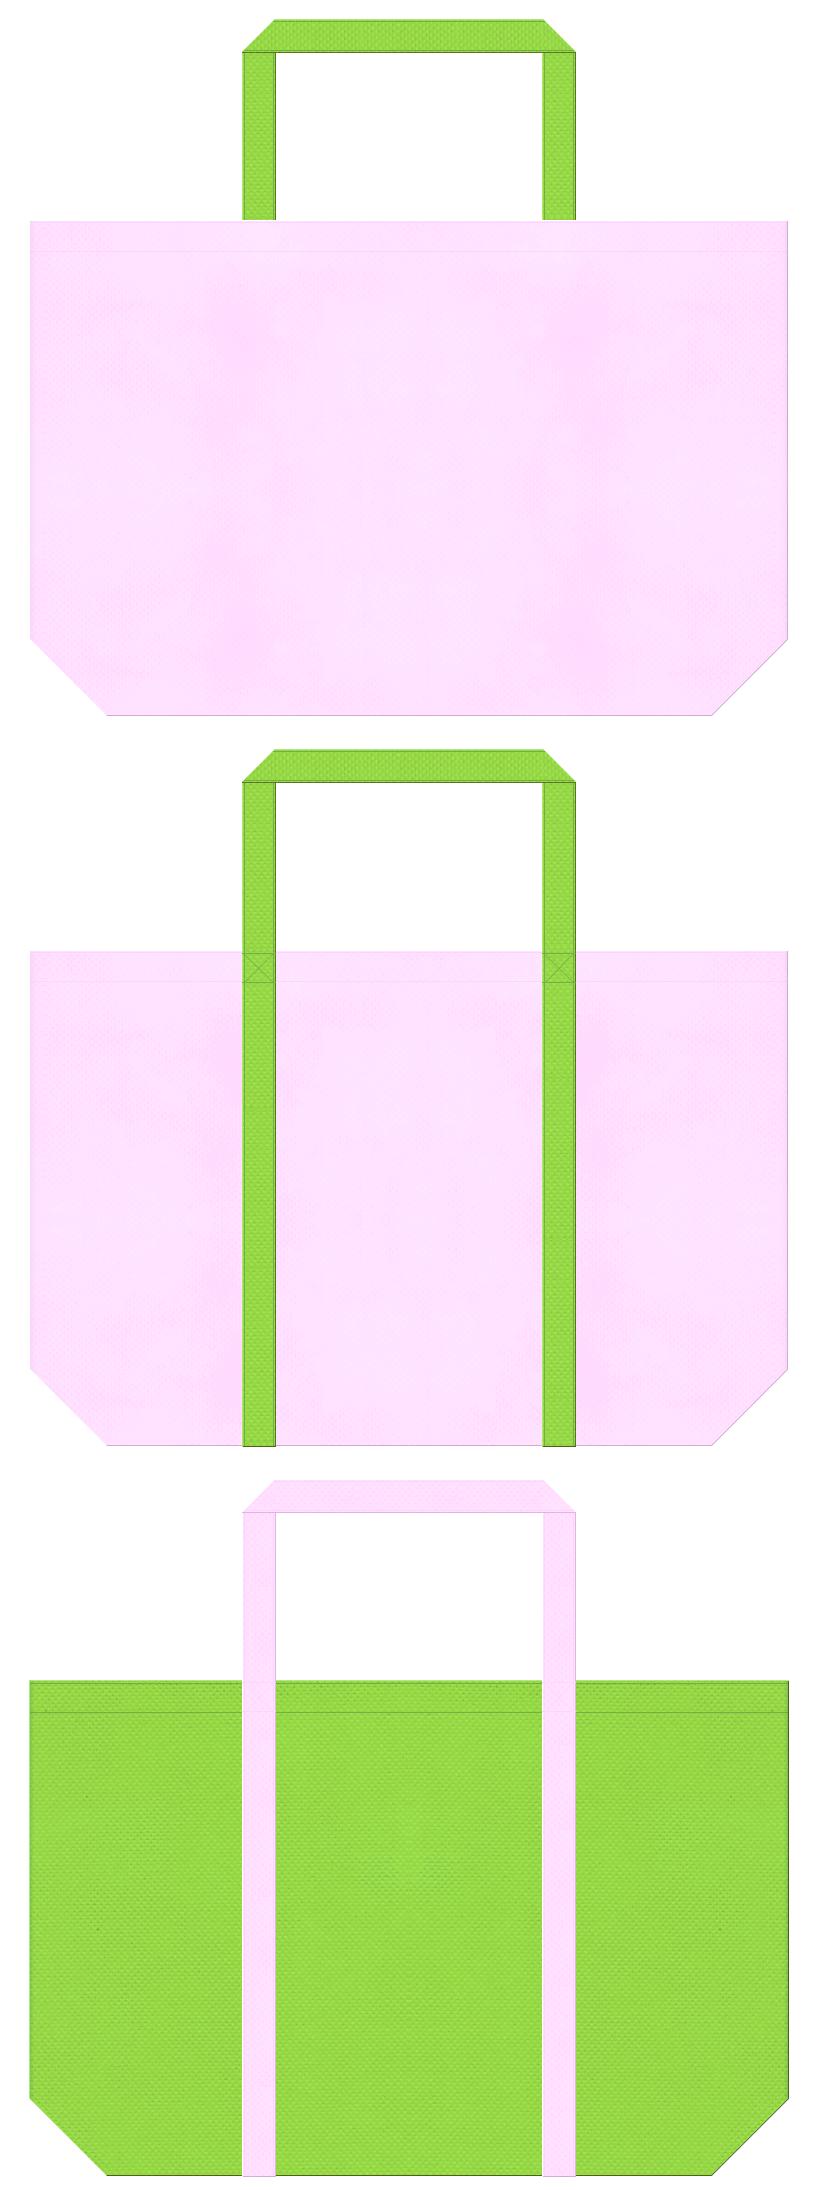 春のイベントのバッグノベルティにお奨めのコーデ。明るいピンク色と黄緑色の不織布バッグデザイン。